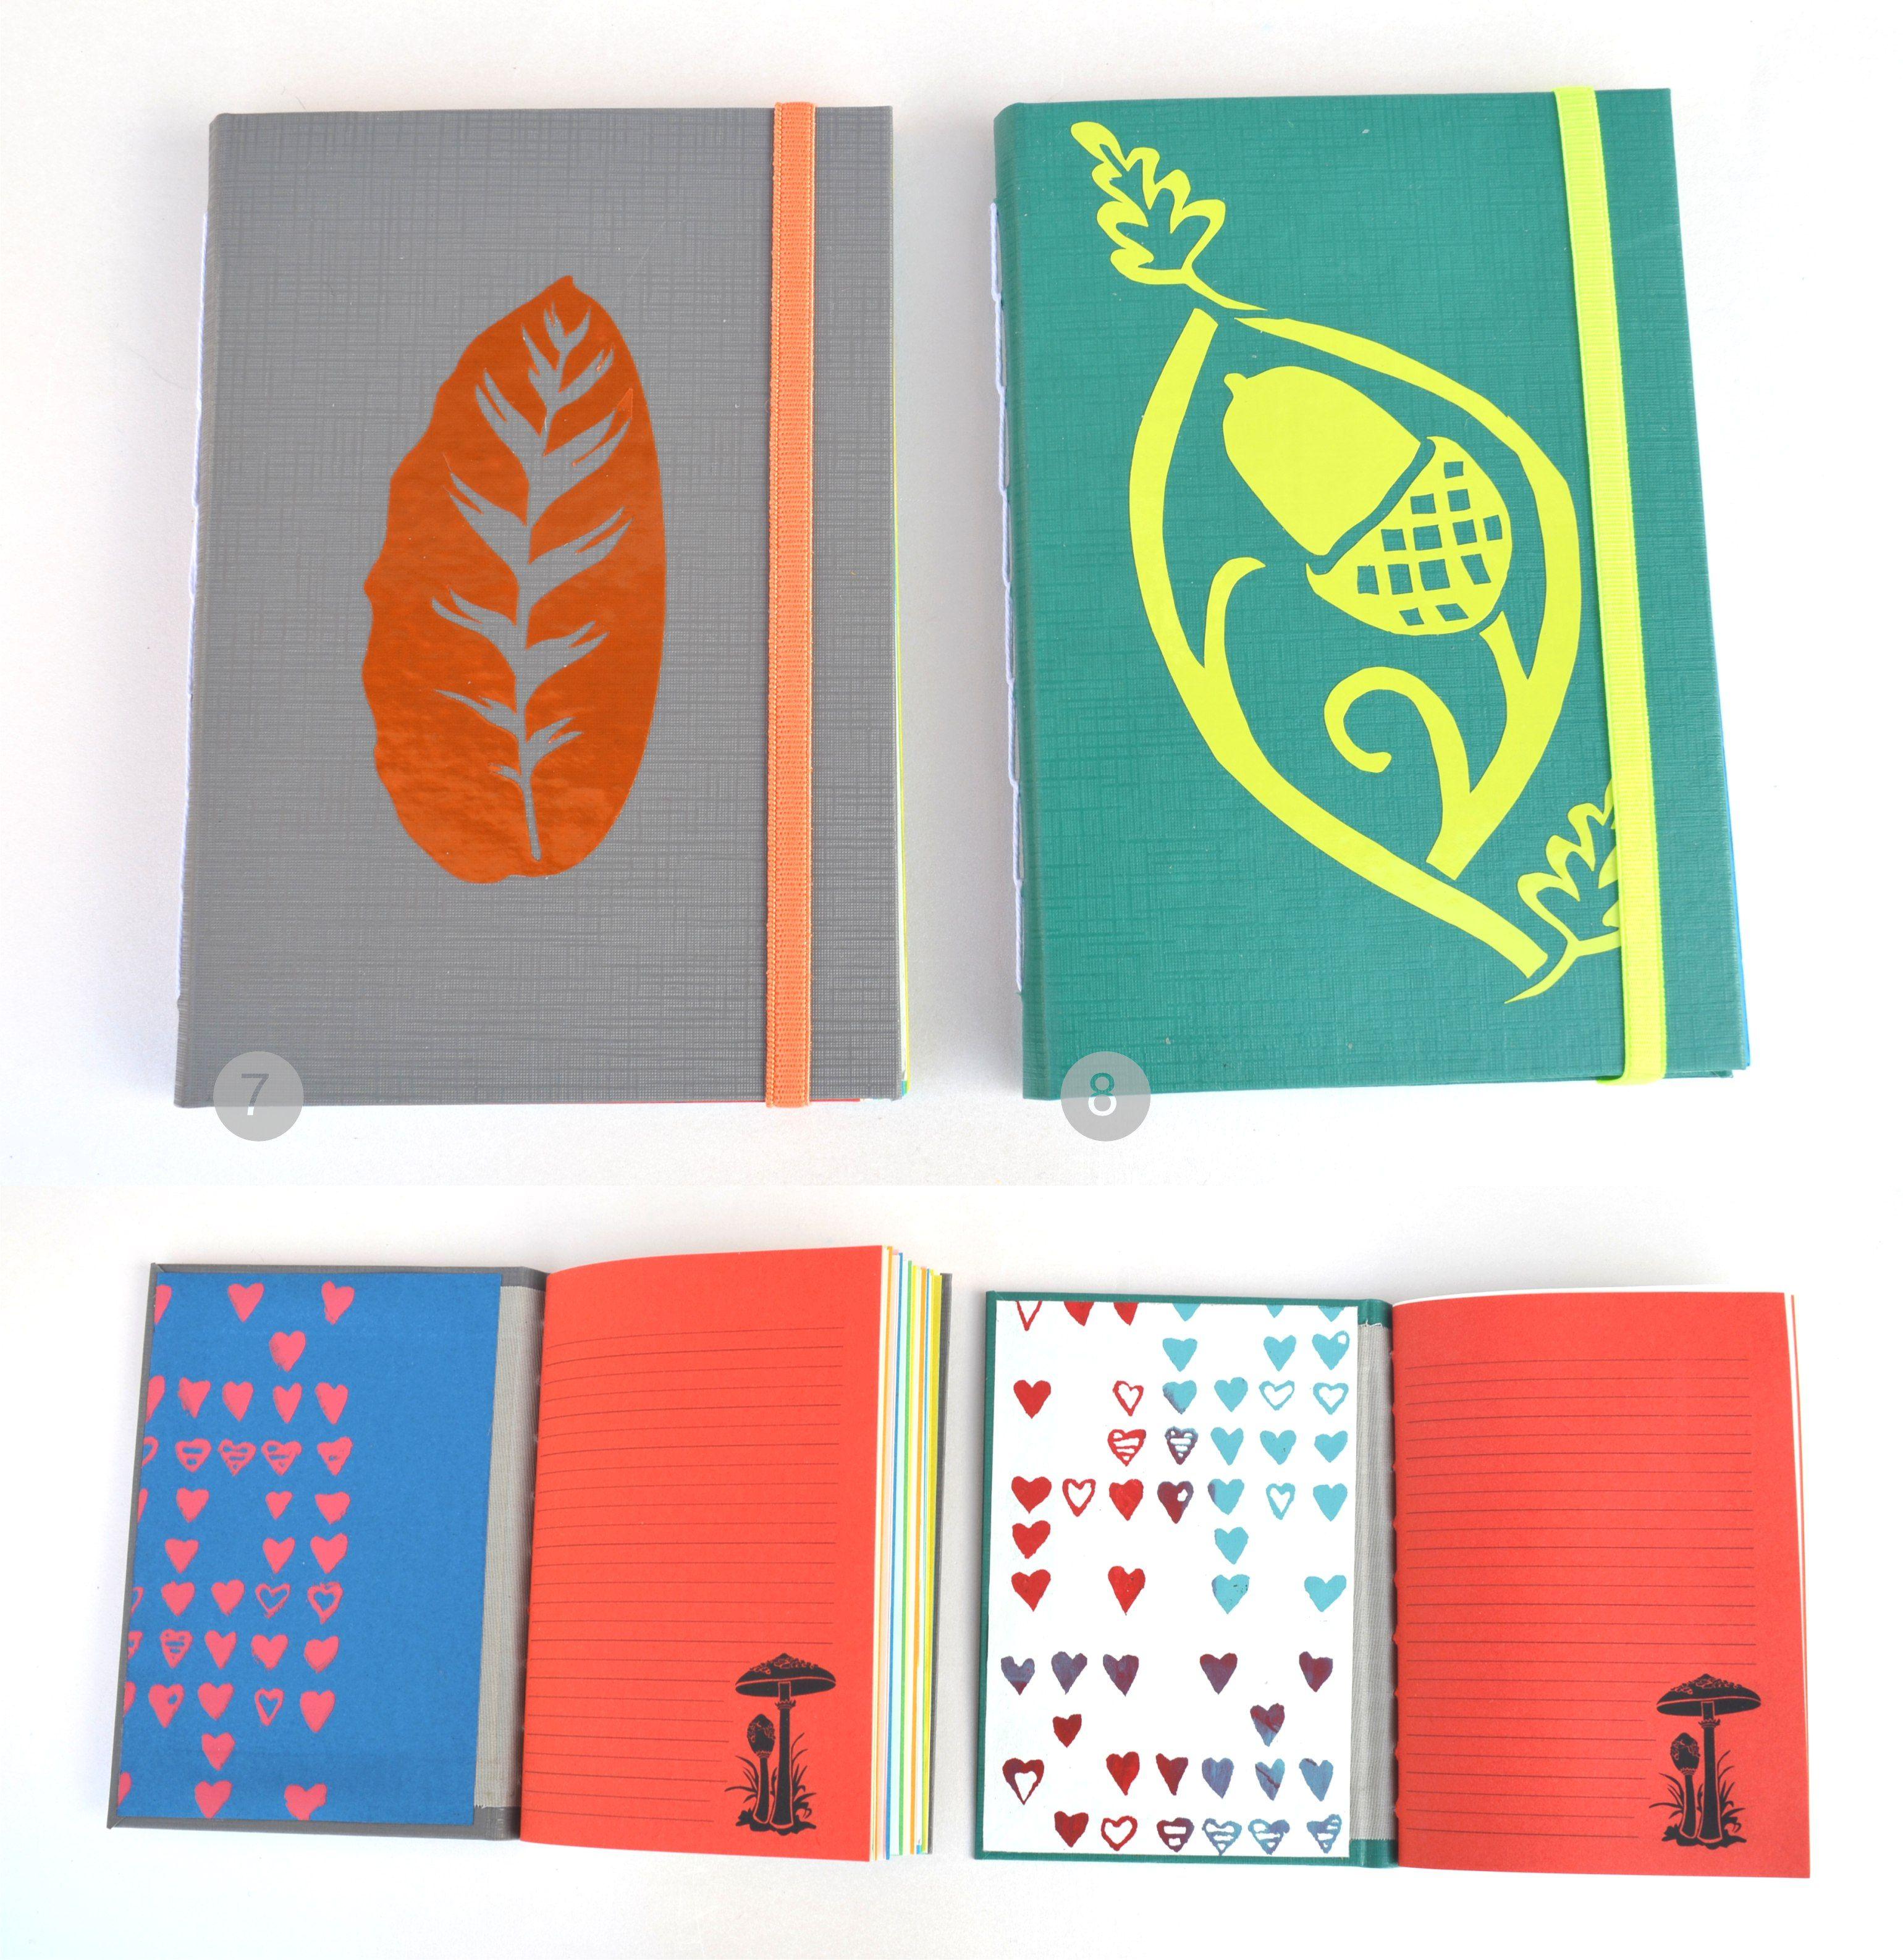 Libretas de bolsillo – tapas de cartón de 1mm cubiertas de papel plástico telado + vinilo - papel de guarda artesanal deEntrerizomasy Mantarraya Lunar – cosidas a mano – 50 hojas rayadas + dibuj...